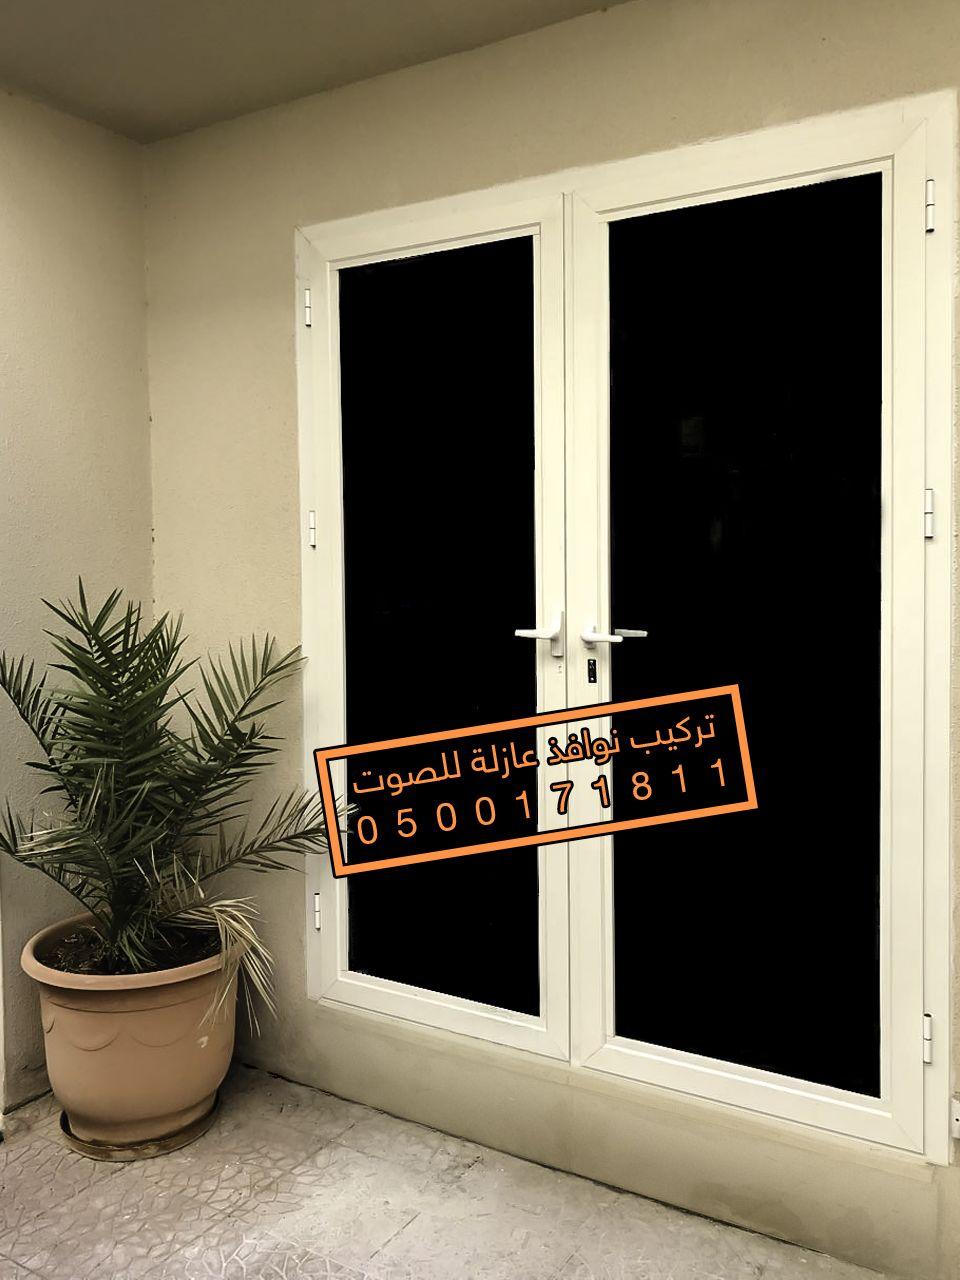 محل عزل صوت عازل صوت عزل صوتي عوازل صوتية للنوافذ الرياض Light Box Box Light